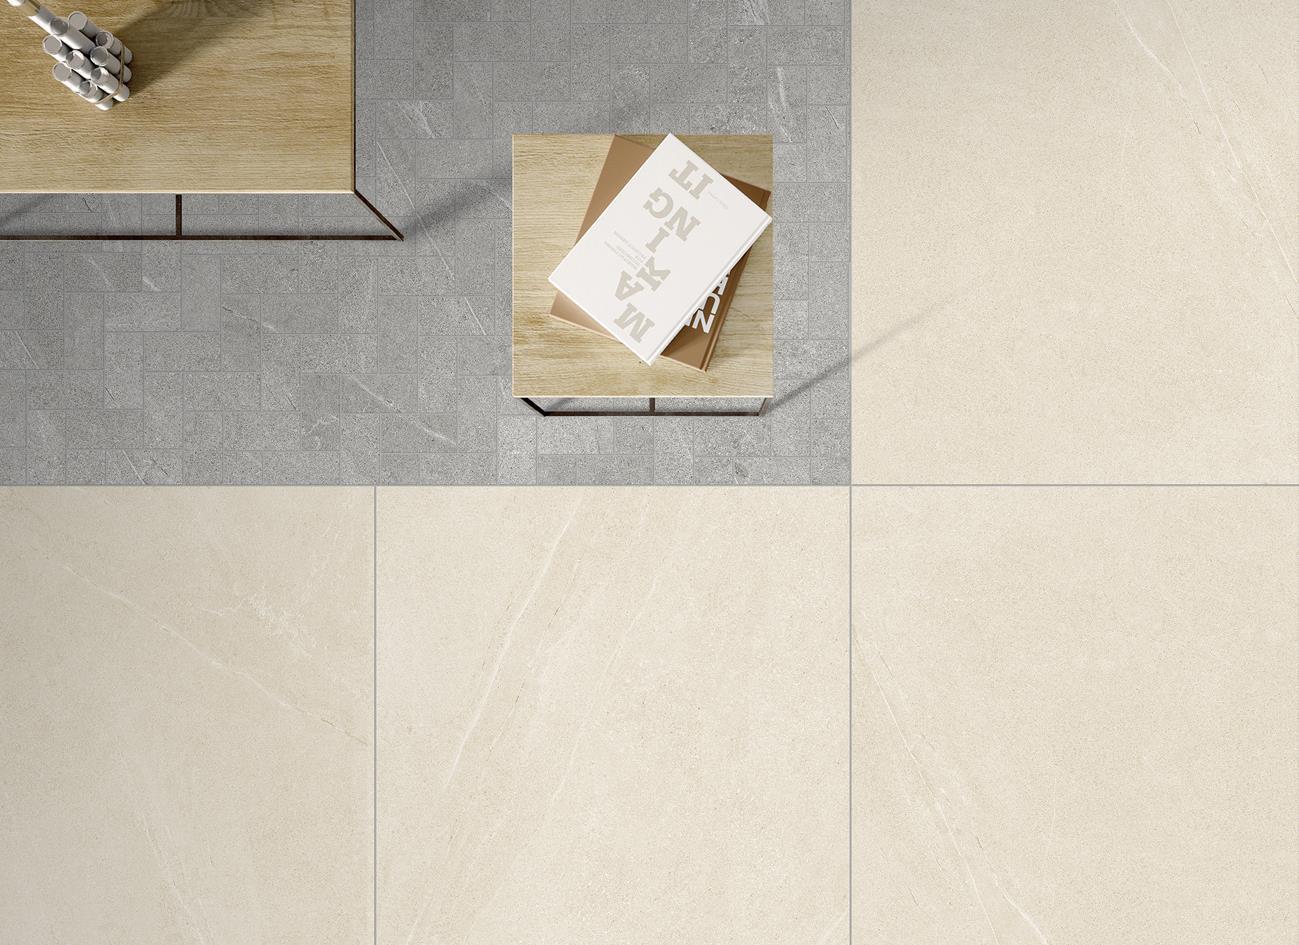 瓷砖厚板吸水率怎么样?如何判断瓷砖的吸水率的高低?